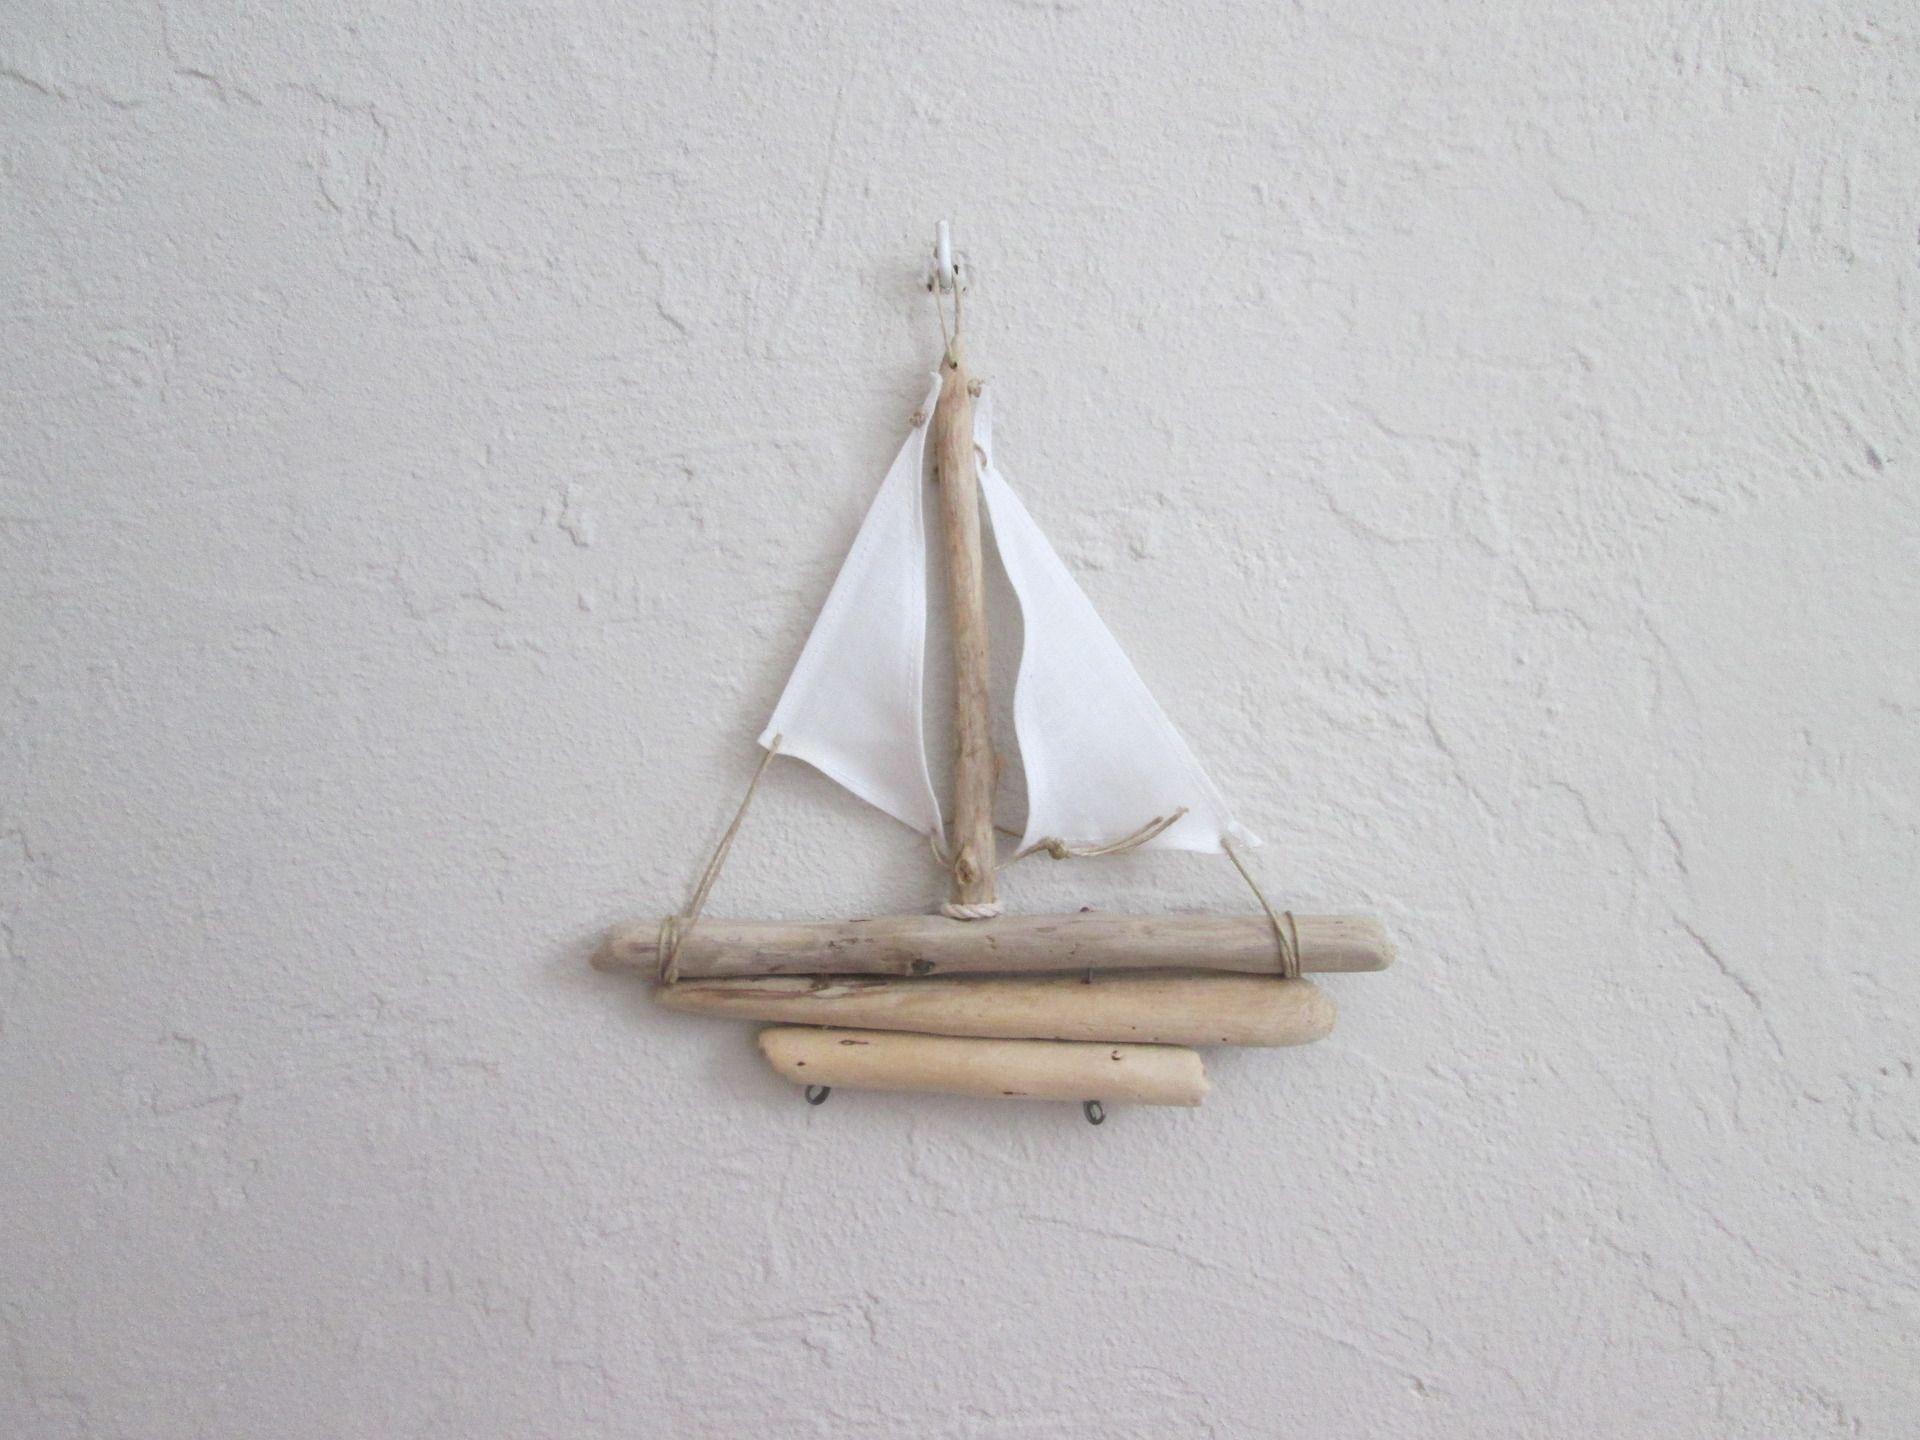 petit bateau bois flott avec voiles en lin blanches d corations murales par maskott. Black Bedroom Furniture Sets. Home Design Ideas